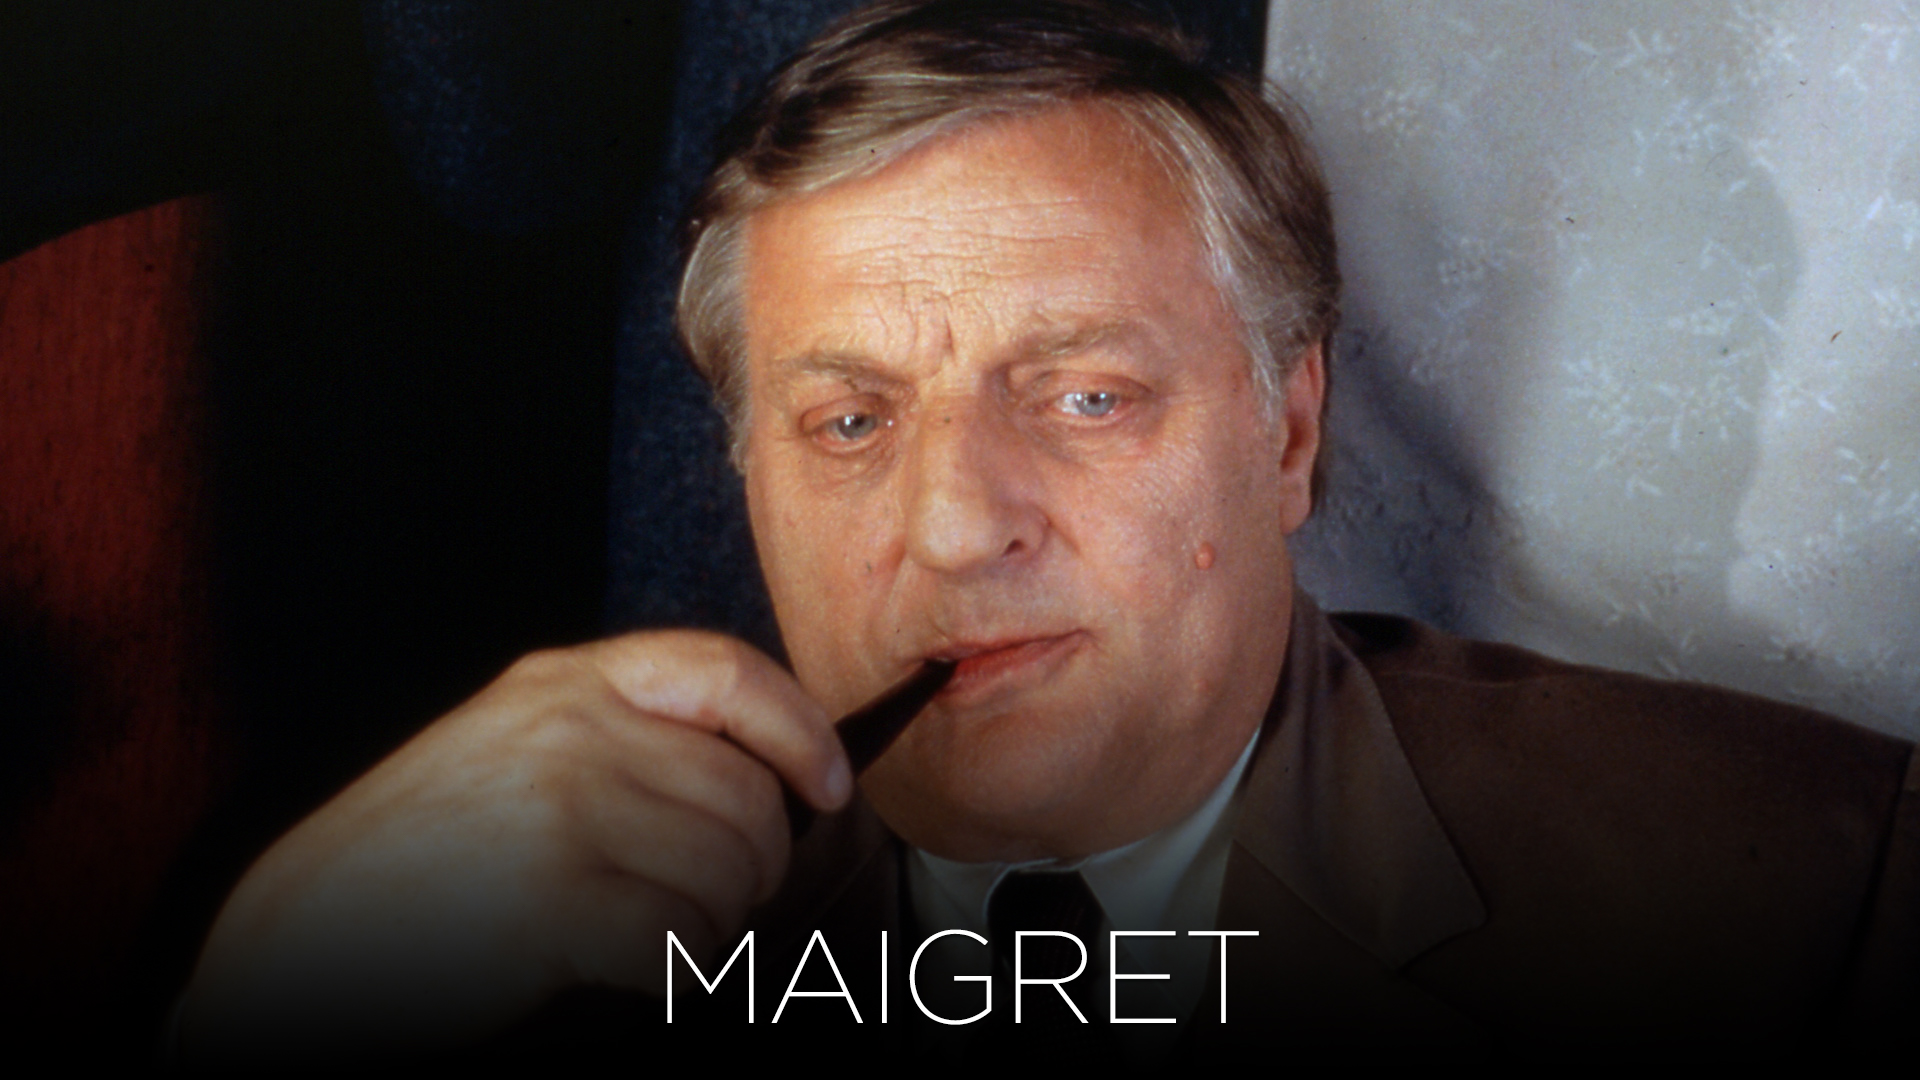 Maigret (English subtitled)